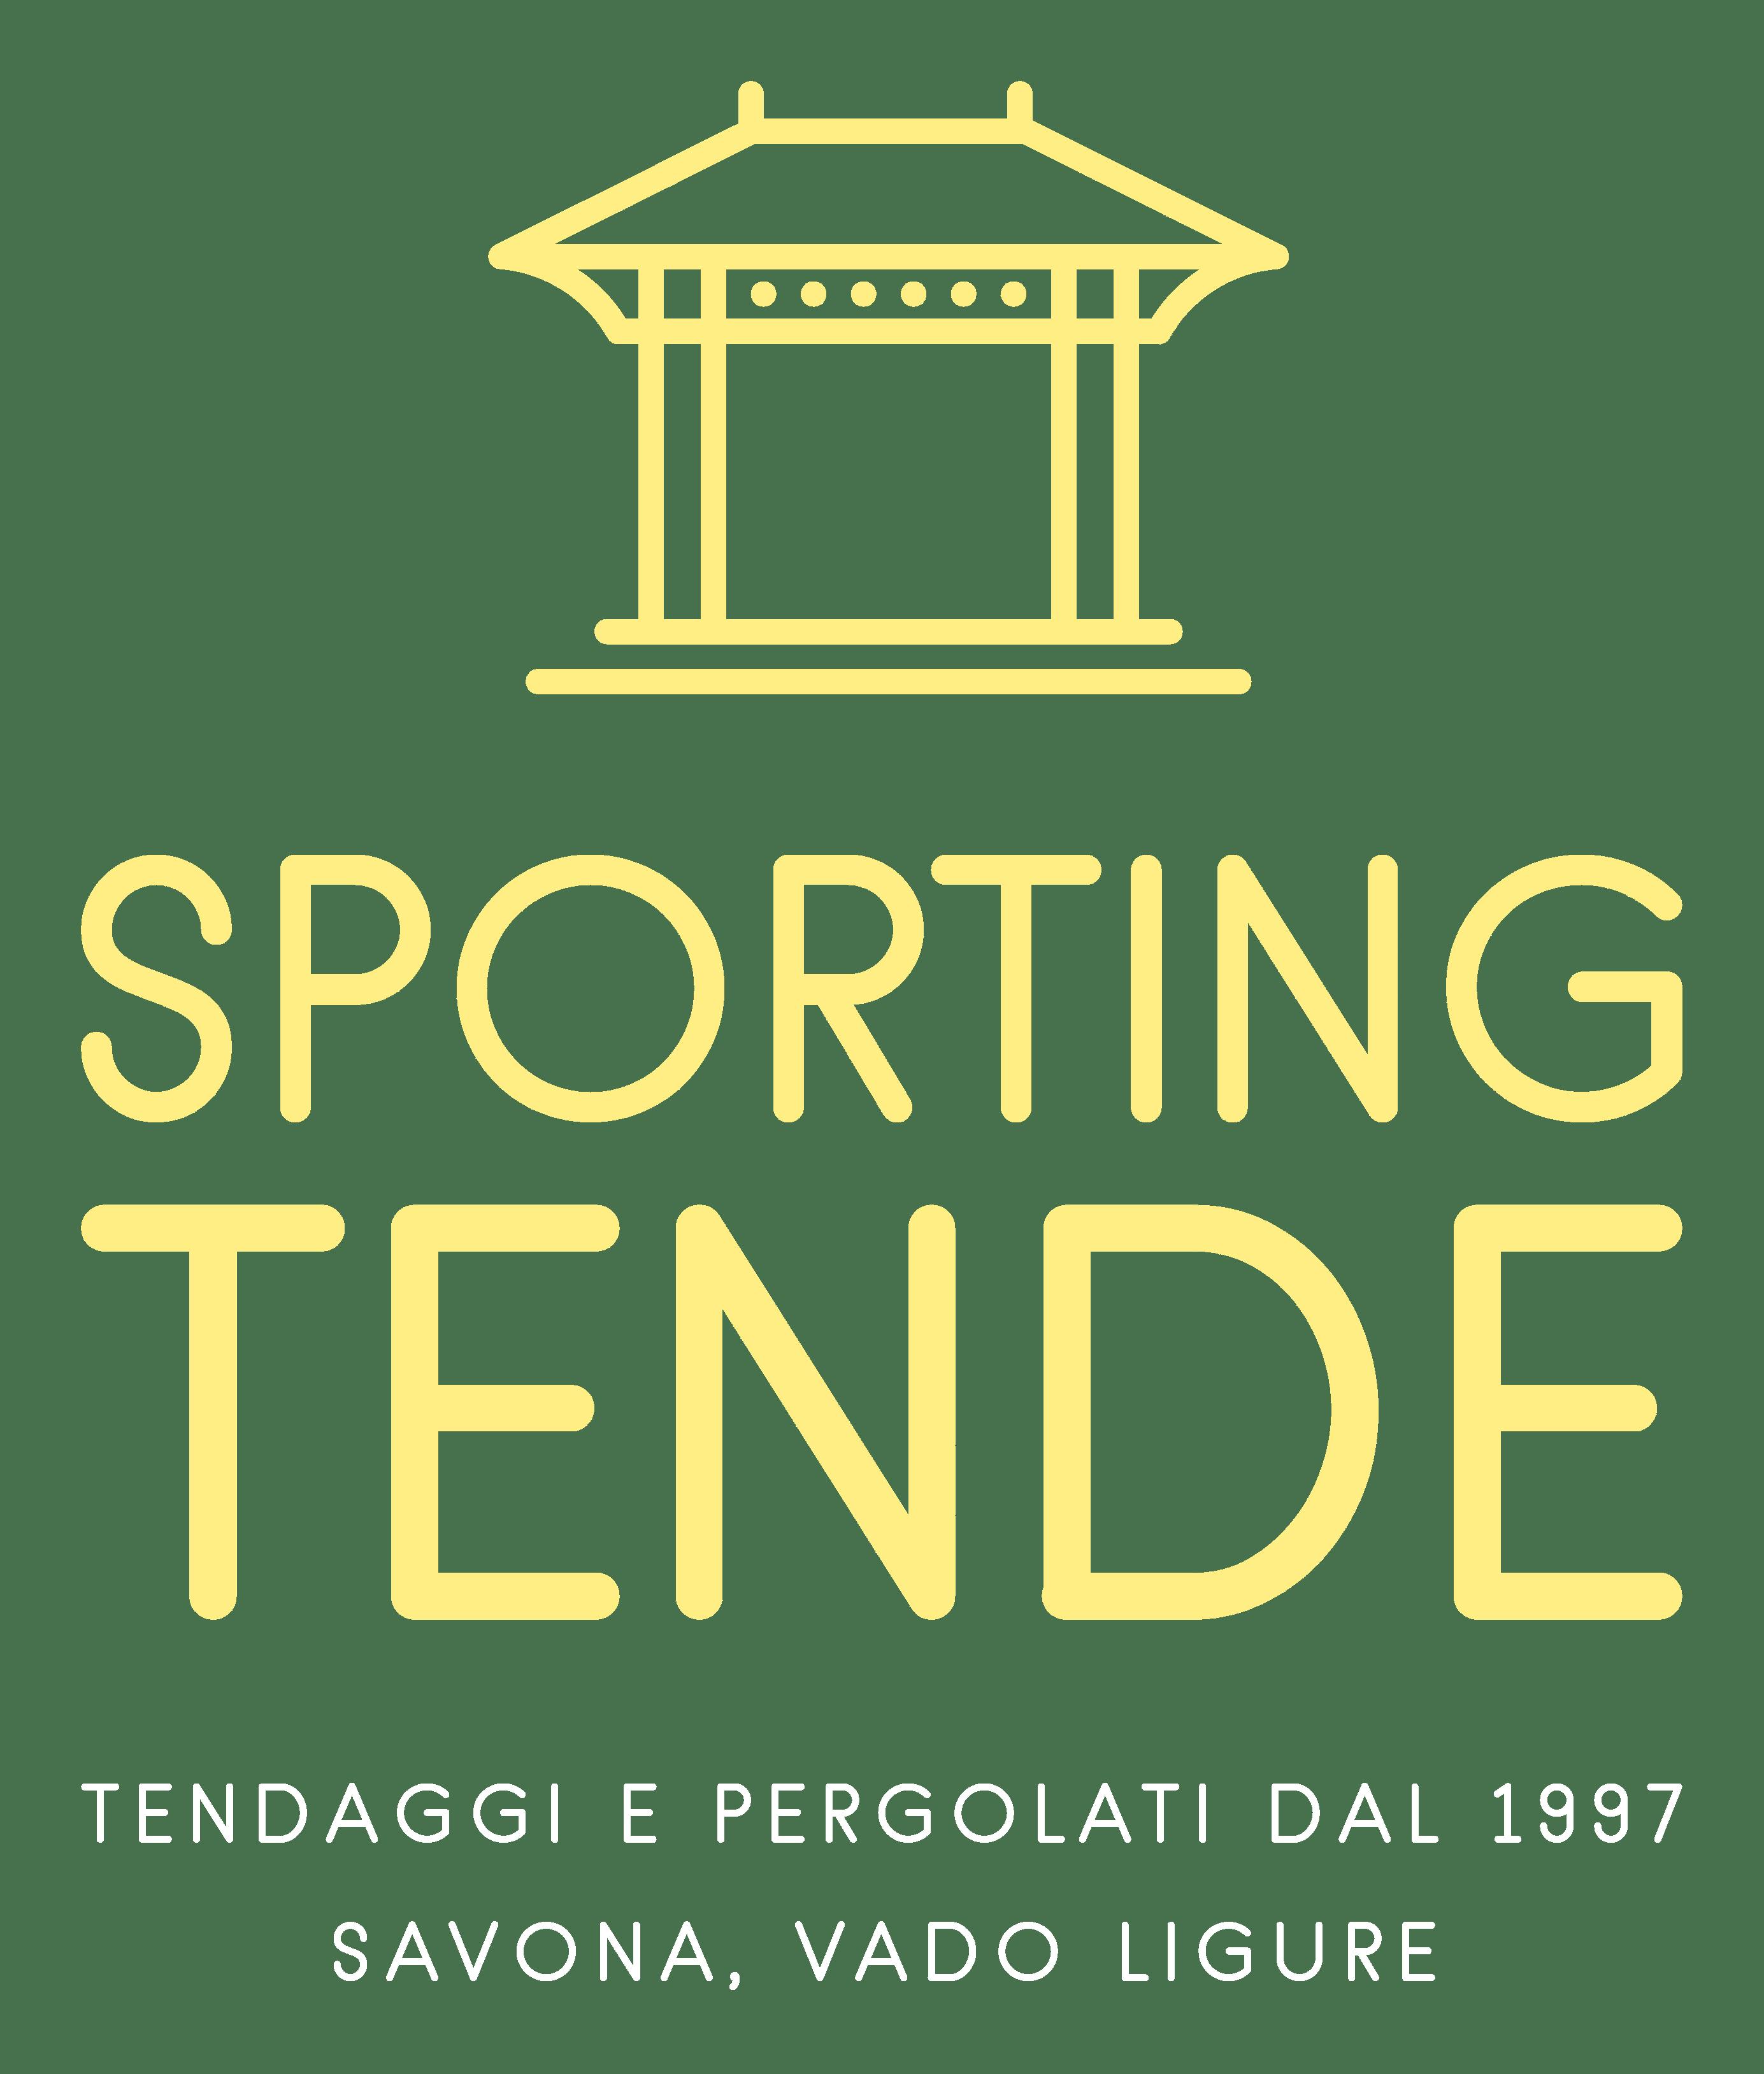 Sporting Tende